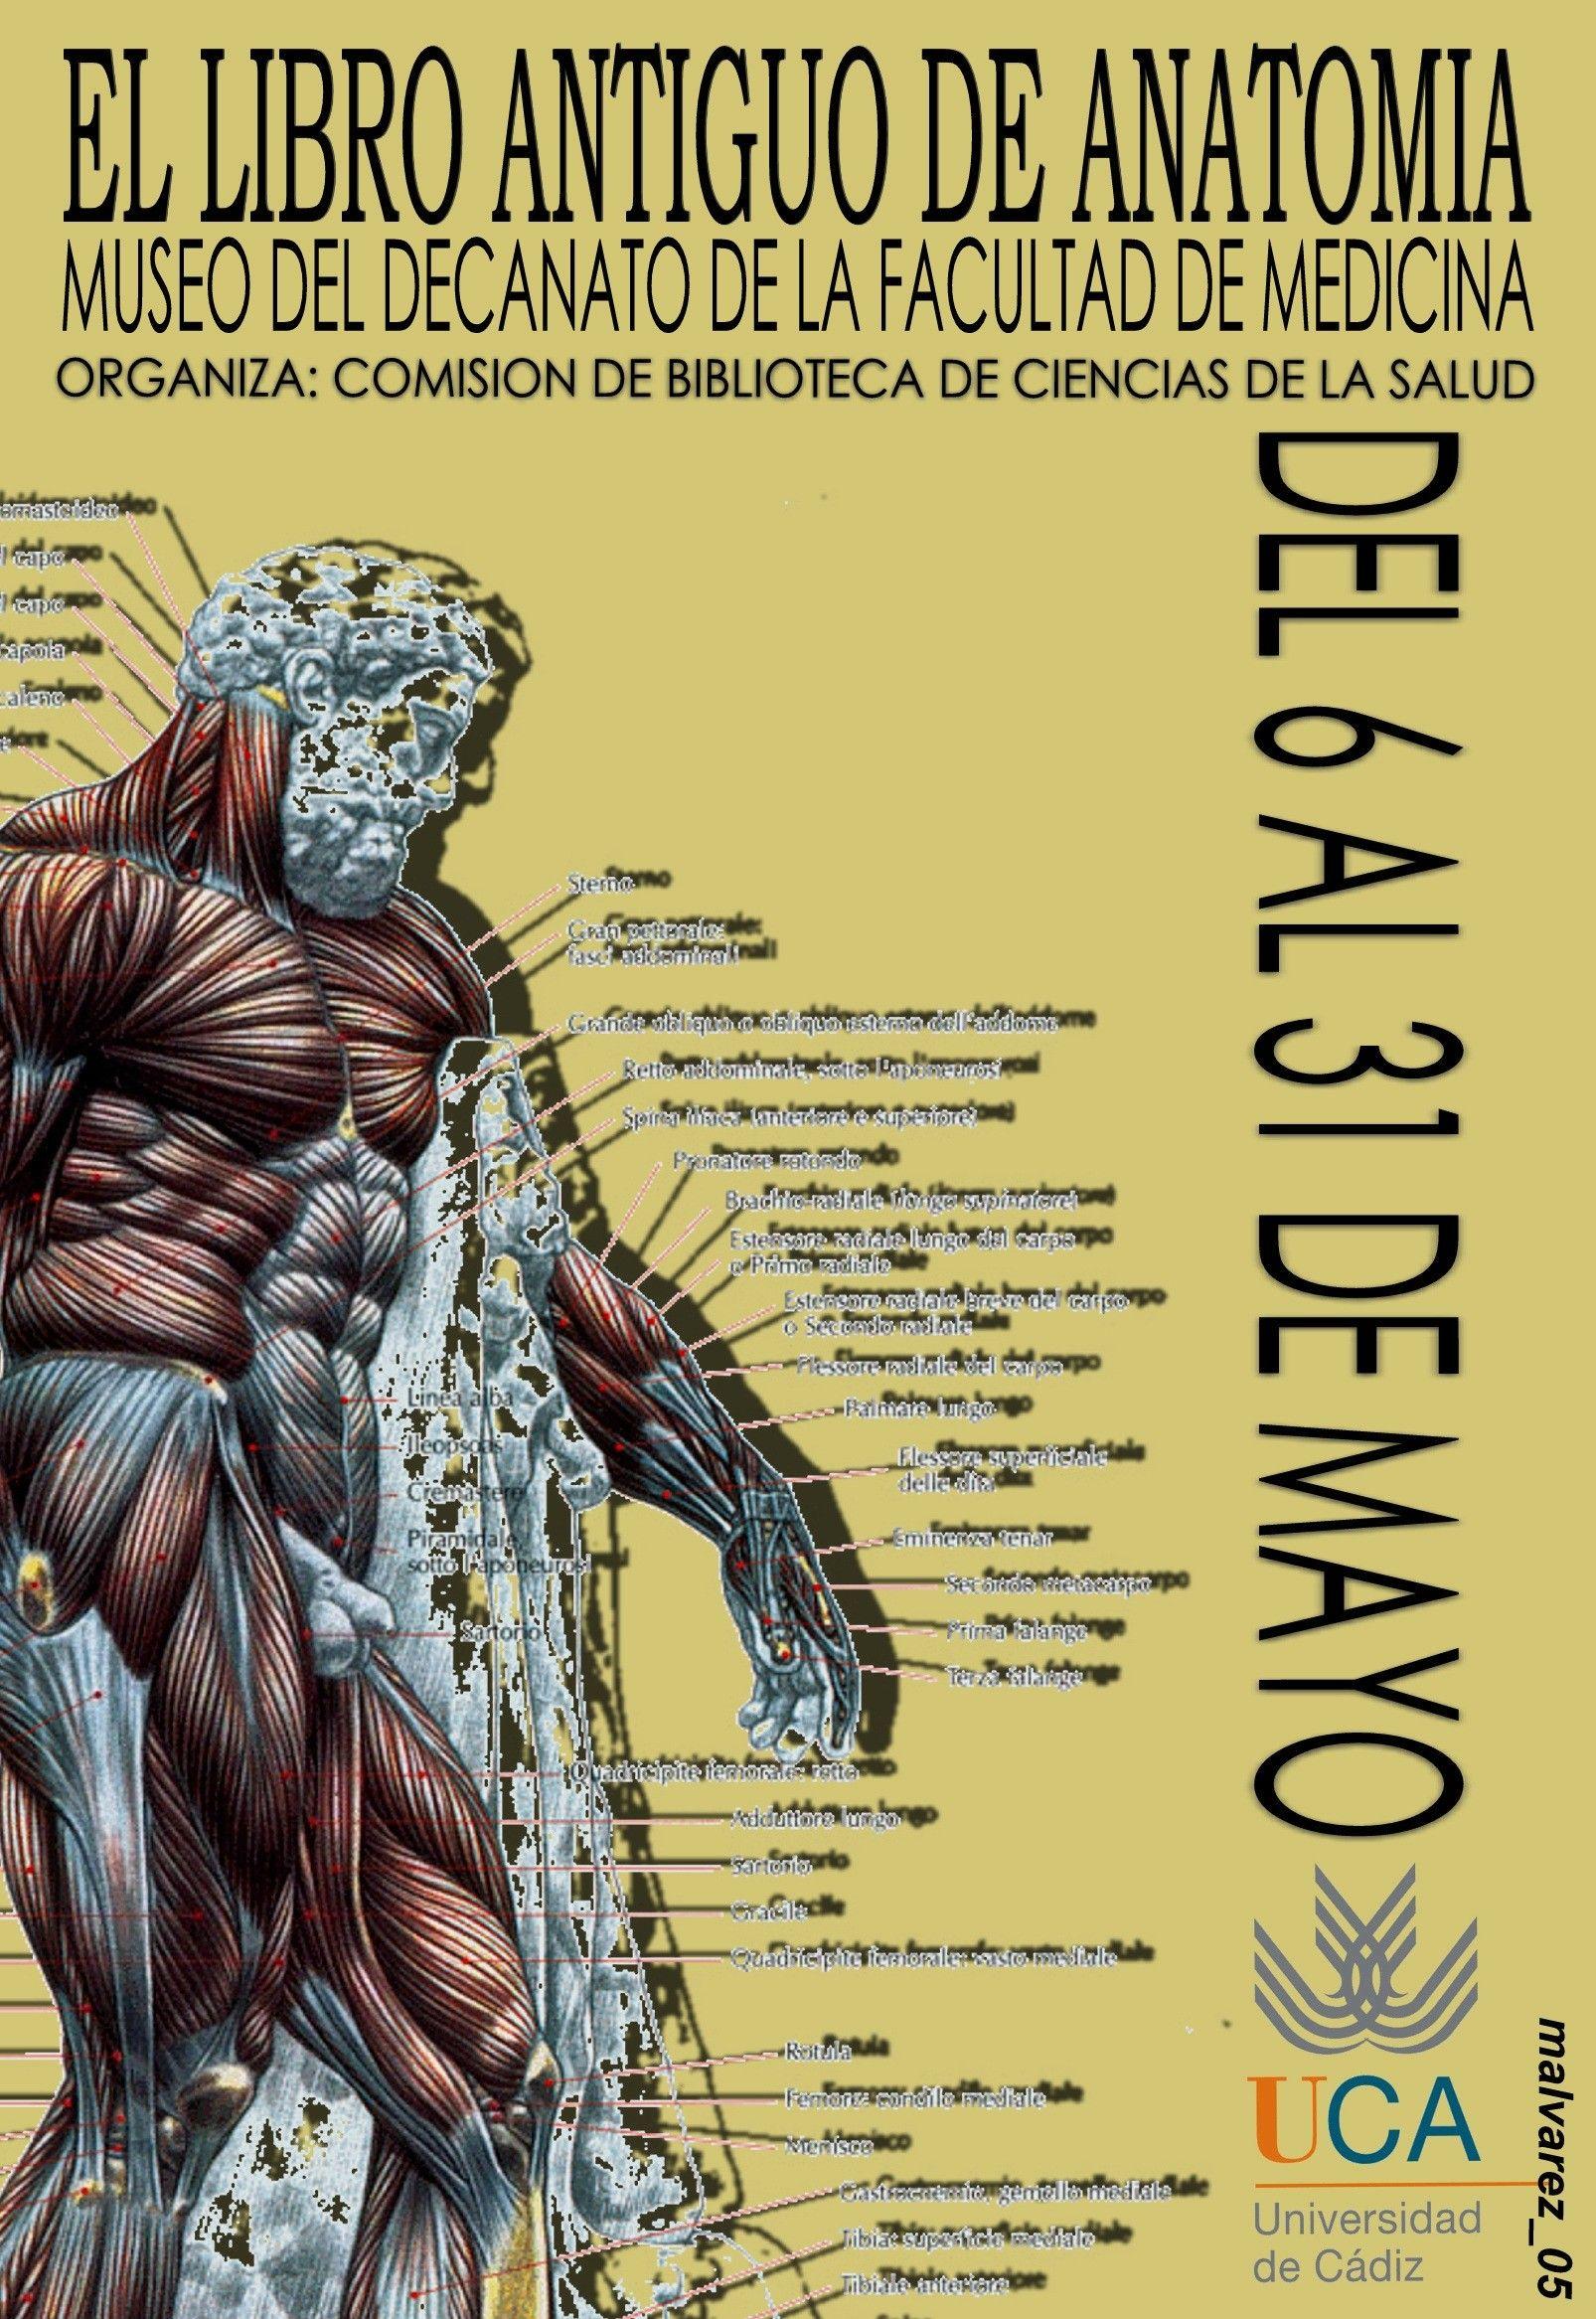 El libro antiguo de Anatomía | Carteles de la Biblioteca | Pinterest ...